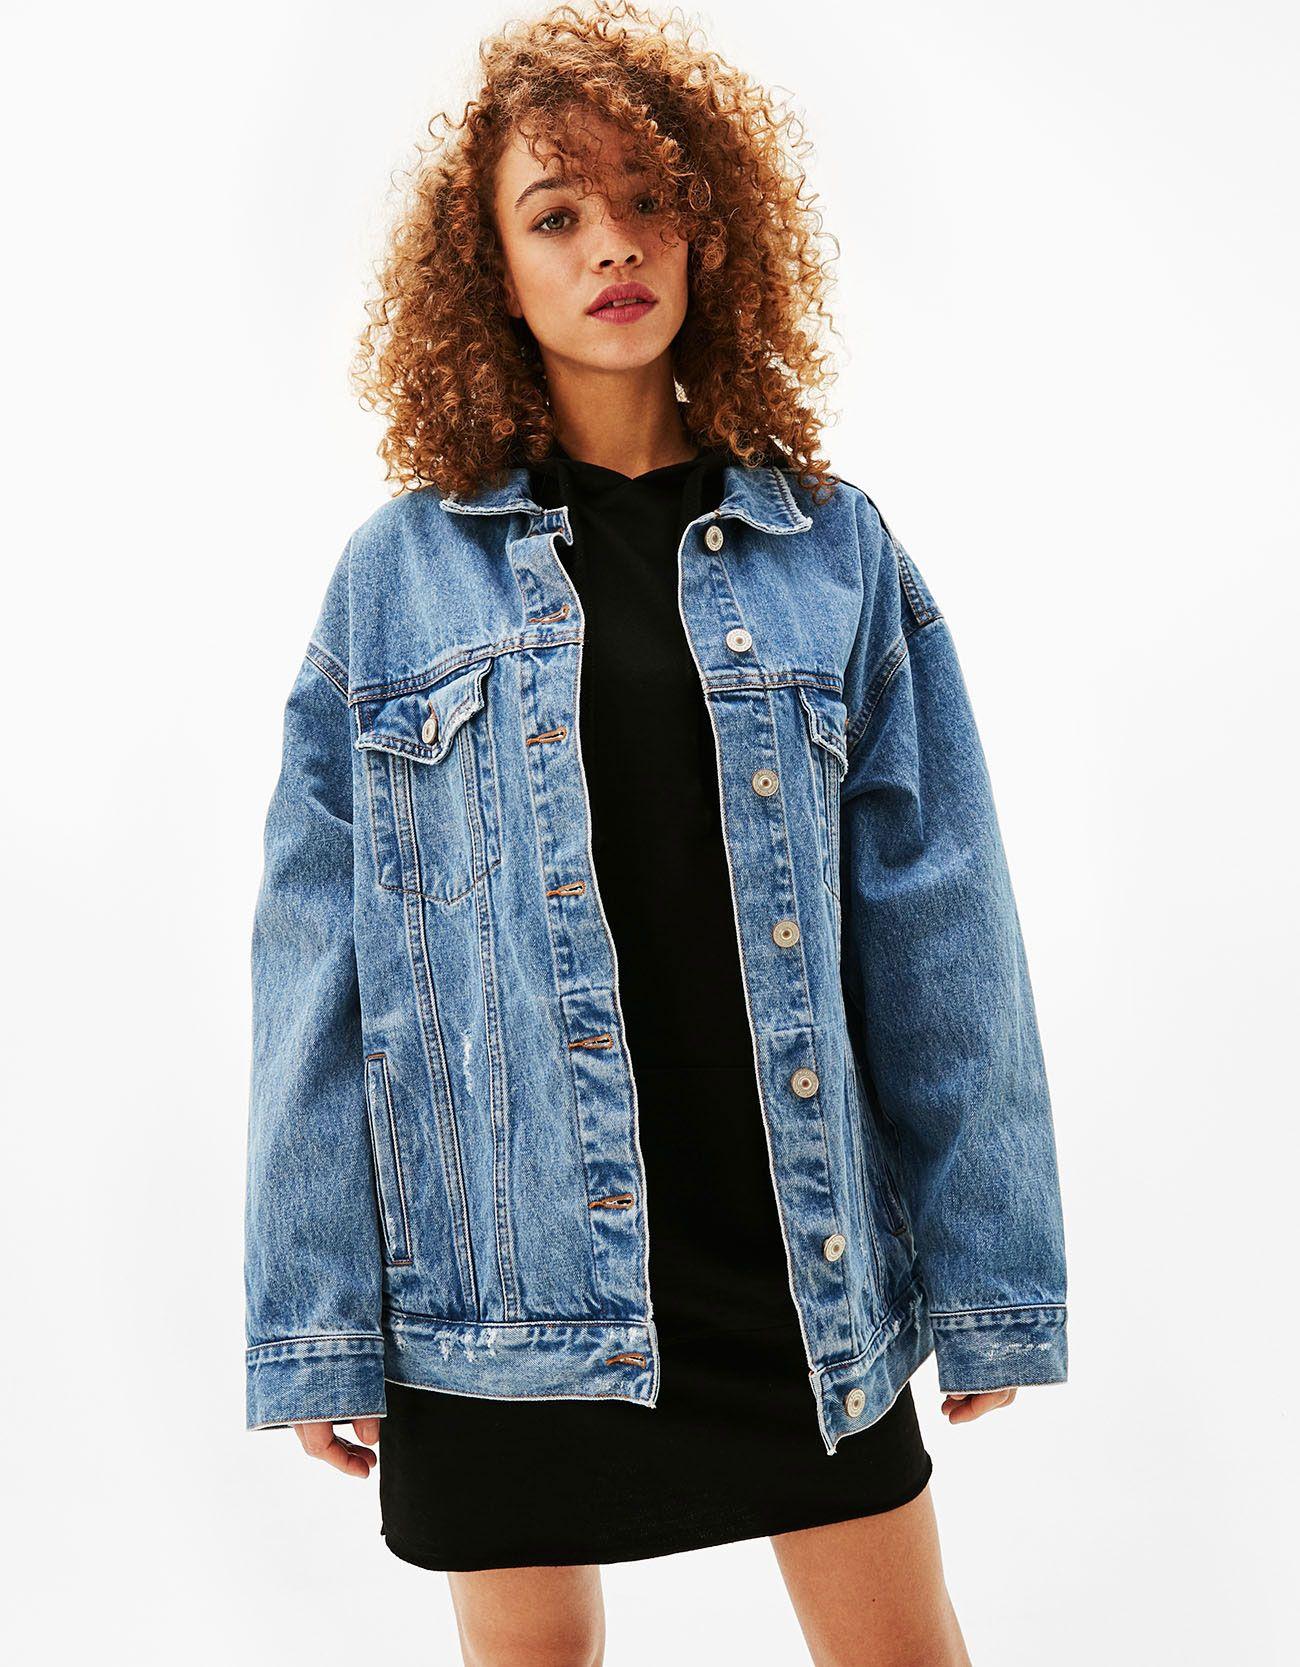 jeansjacka oversize fall fashion veste oversize veste en jean oversize blouson. Black Bedroom Furniture Sets. Home Design Ideas